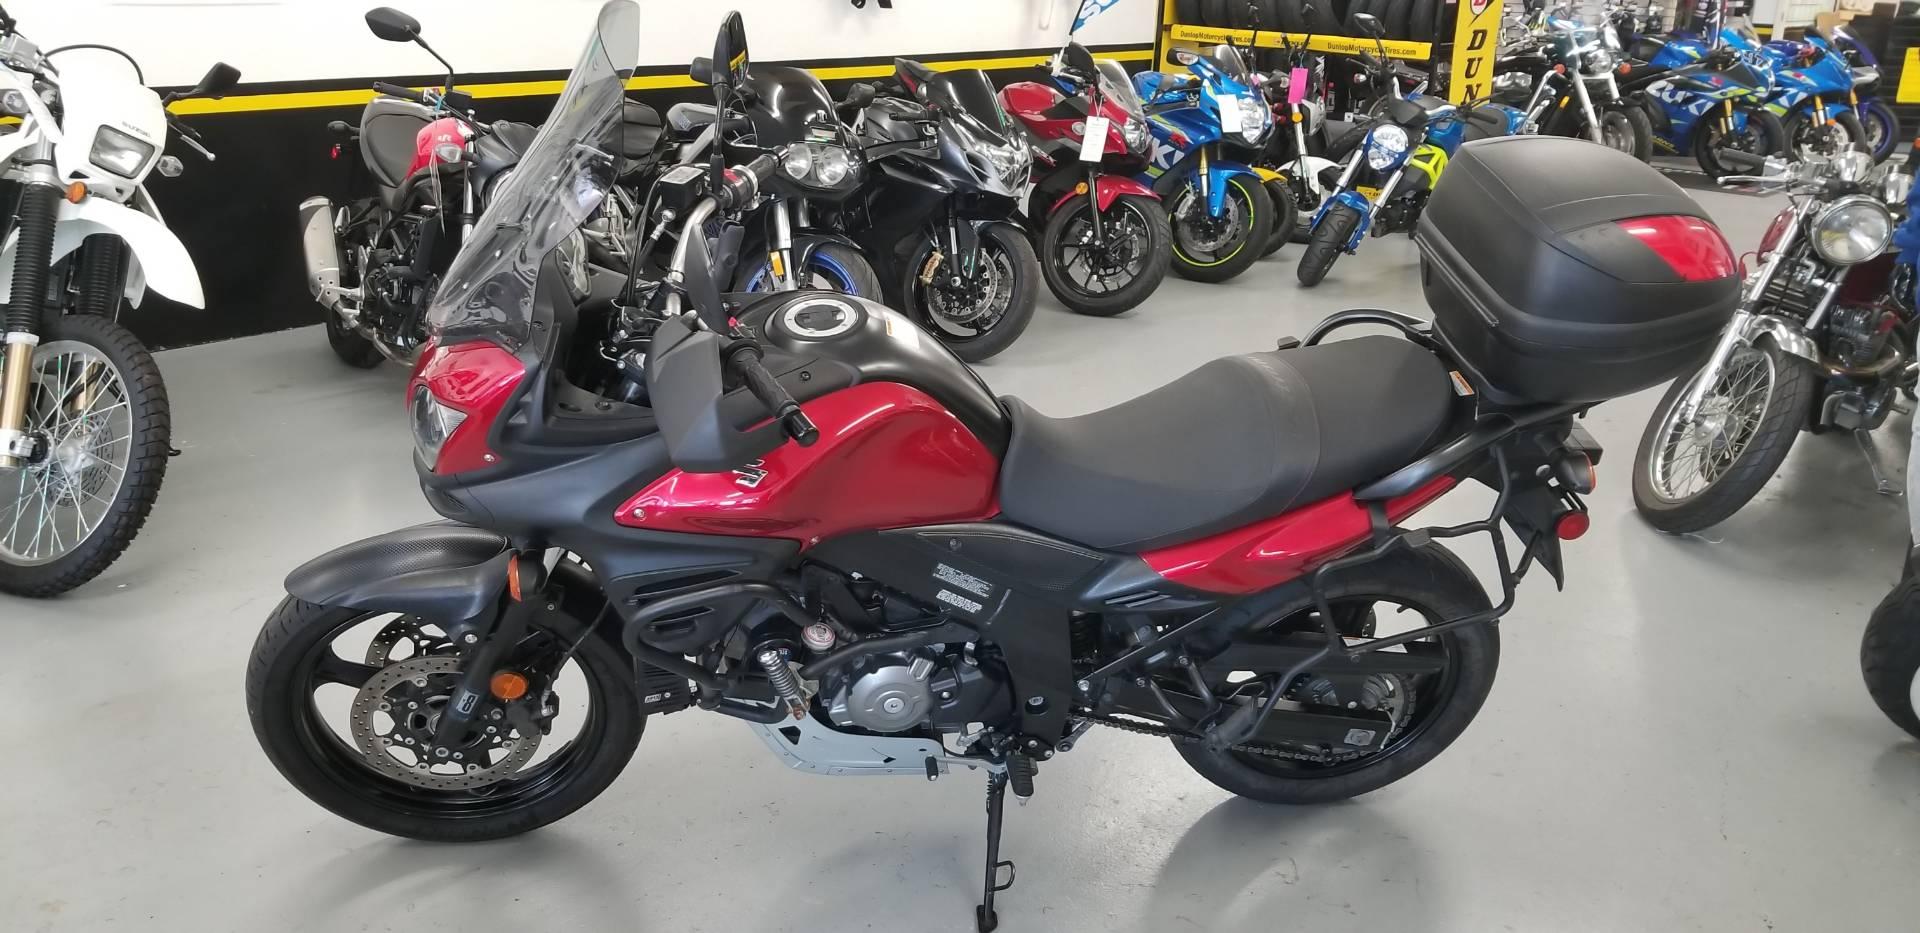 2014 Suzuki V-Strom 650 ABS 5